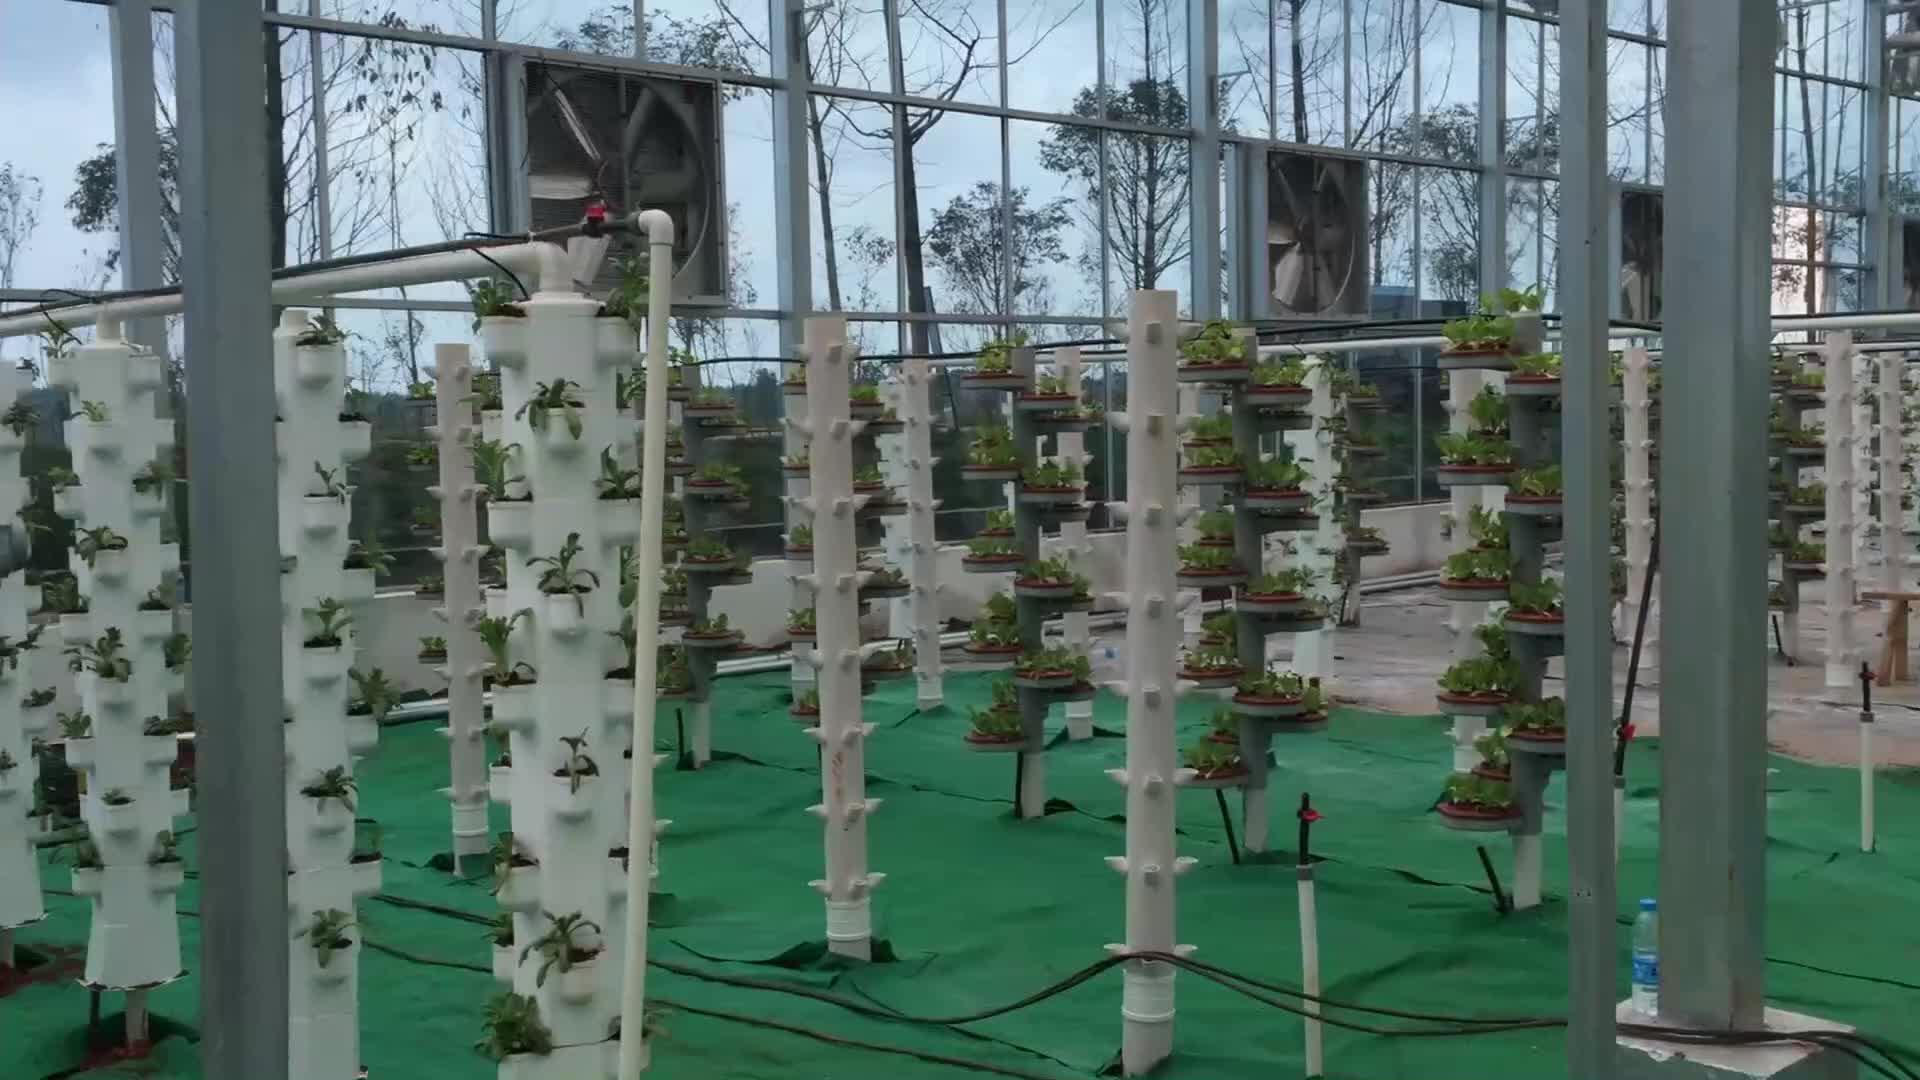 大棚阳台家庭无土栽培蔬菜种植 基质水培二元培种植 城市无土栽培